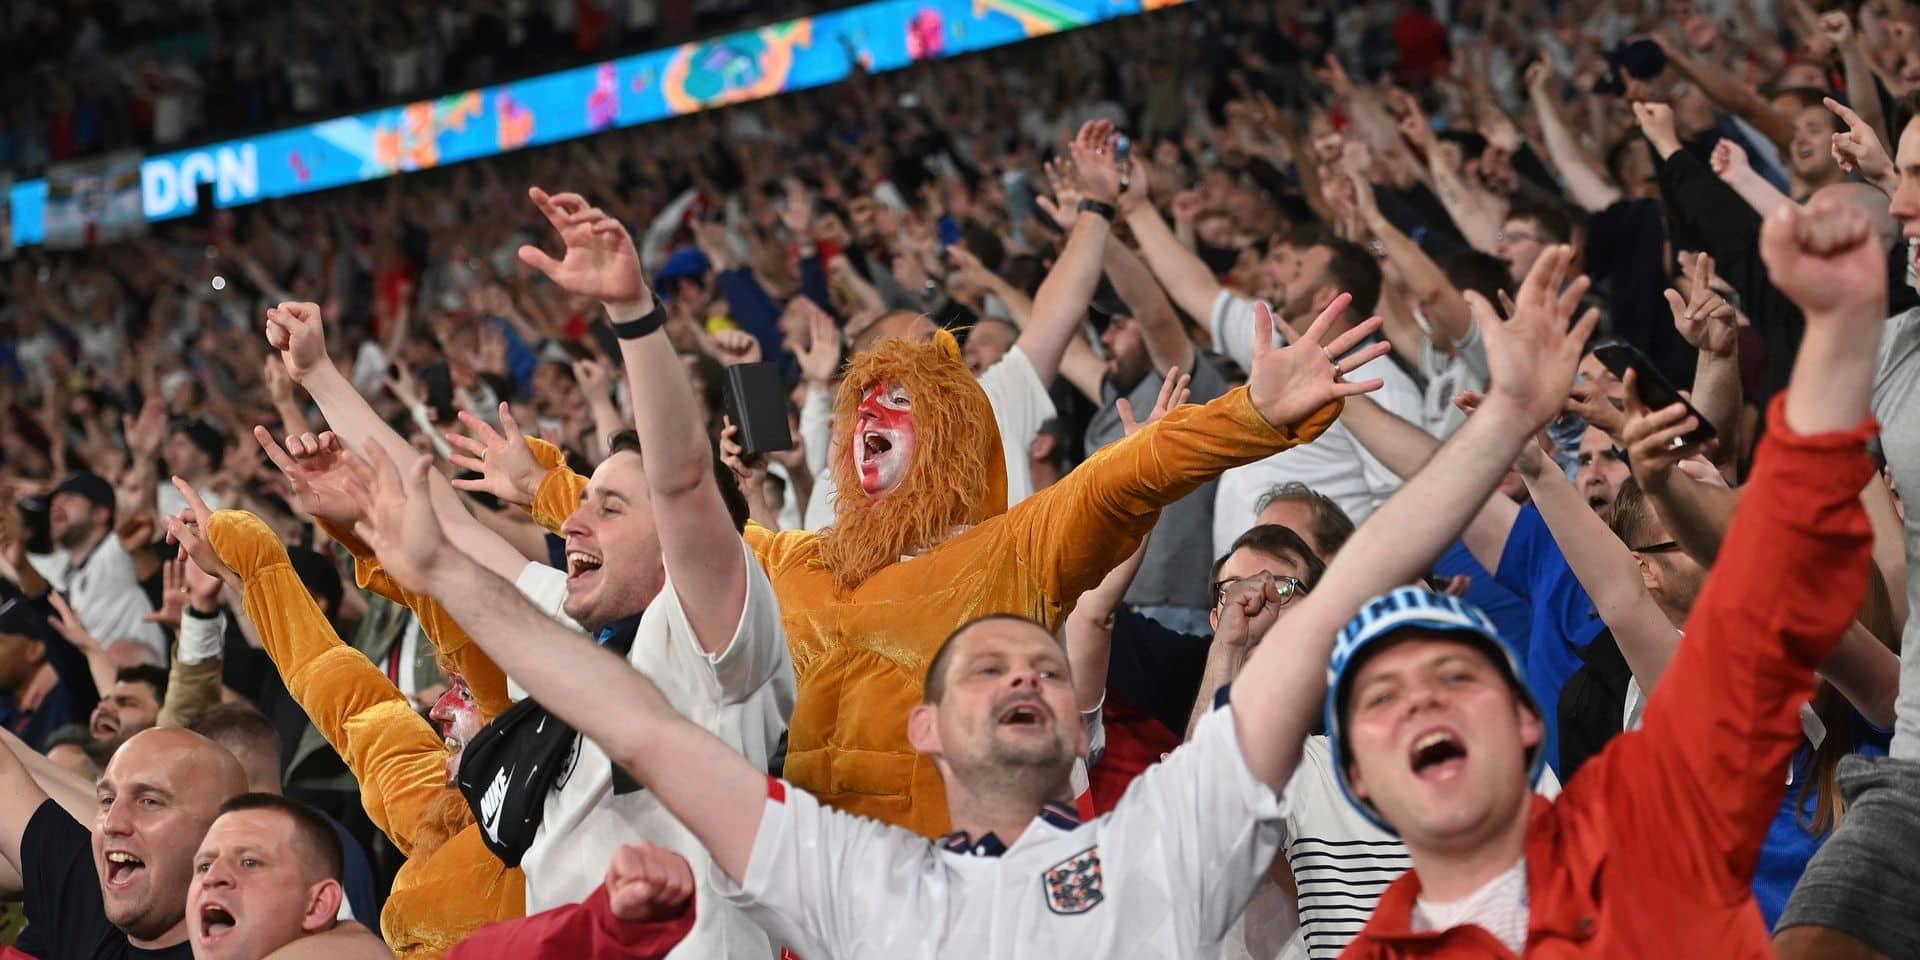 Three Lions et Sweet Caroline : bataille entre deux hymnes cultes